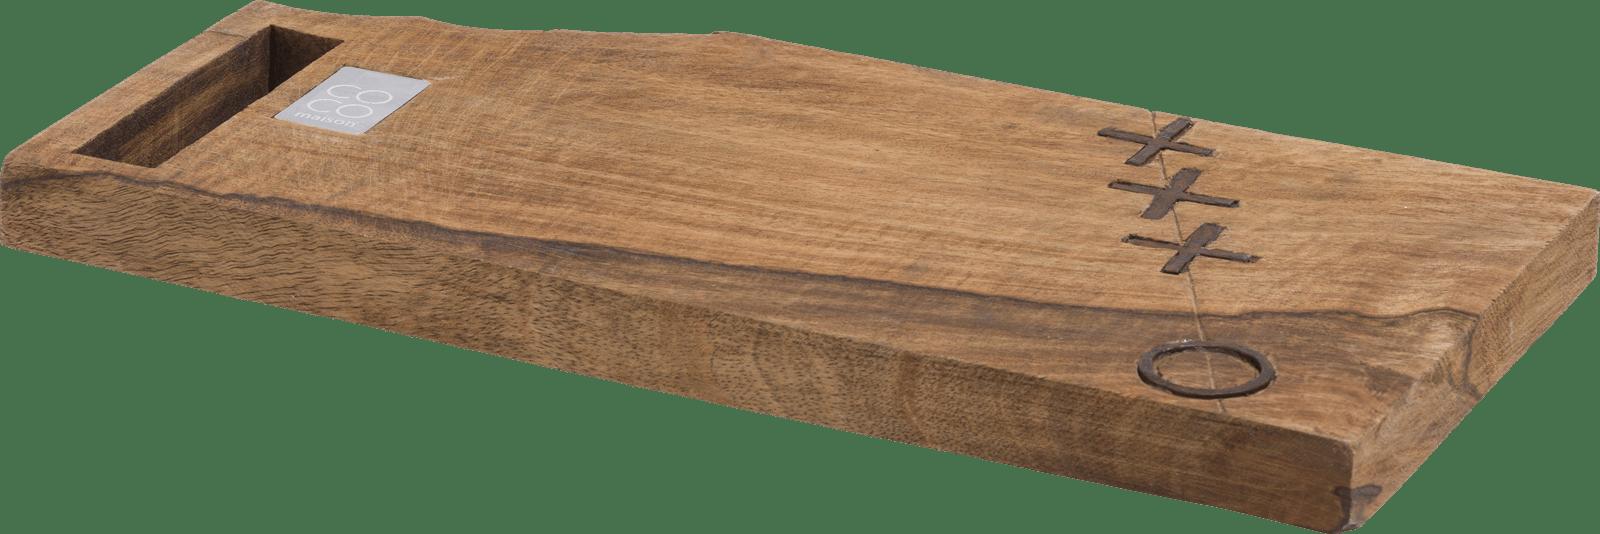 Coco Maison - planche a decouper maona - 16,5 x 55,5 cm